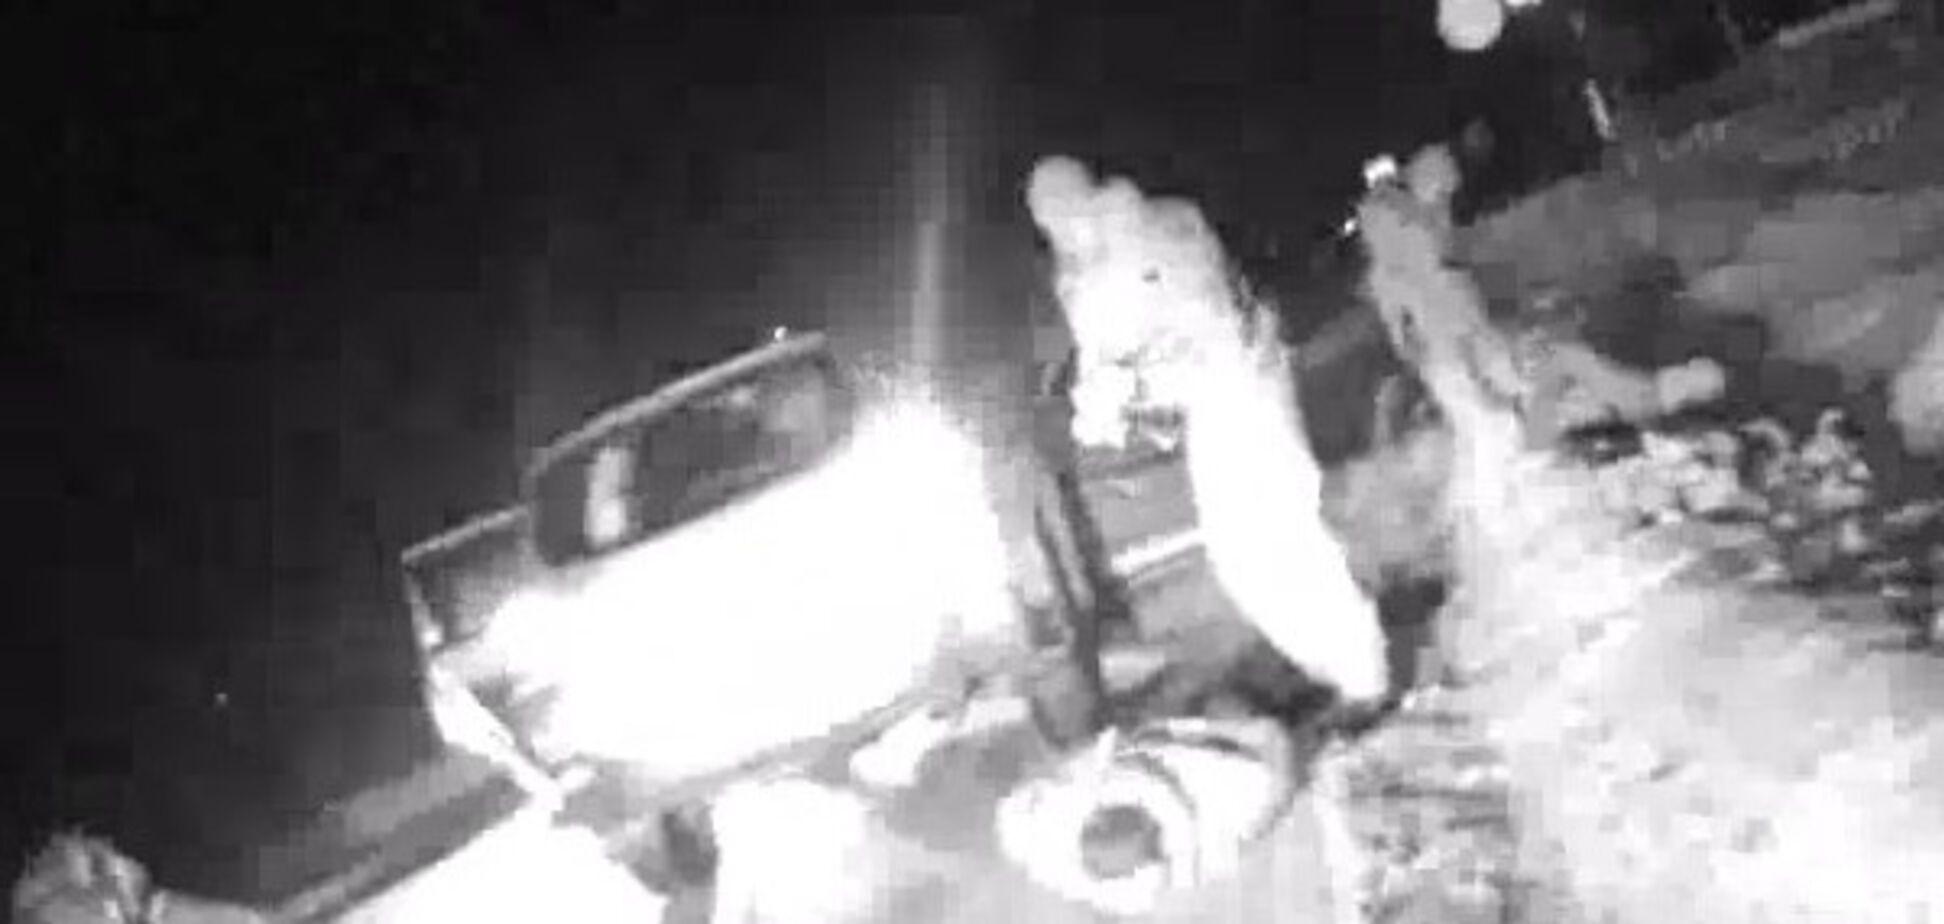 Як у кіно: в Запоріжжі поліція розстріляла авто п'яних дебоширів